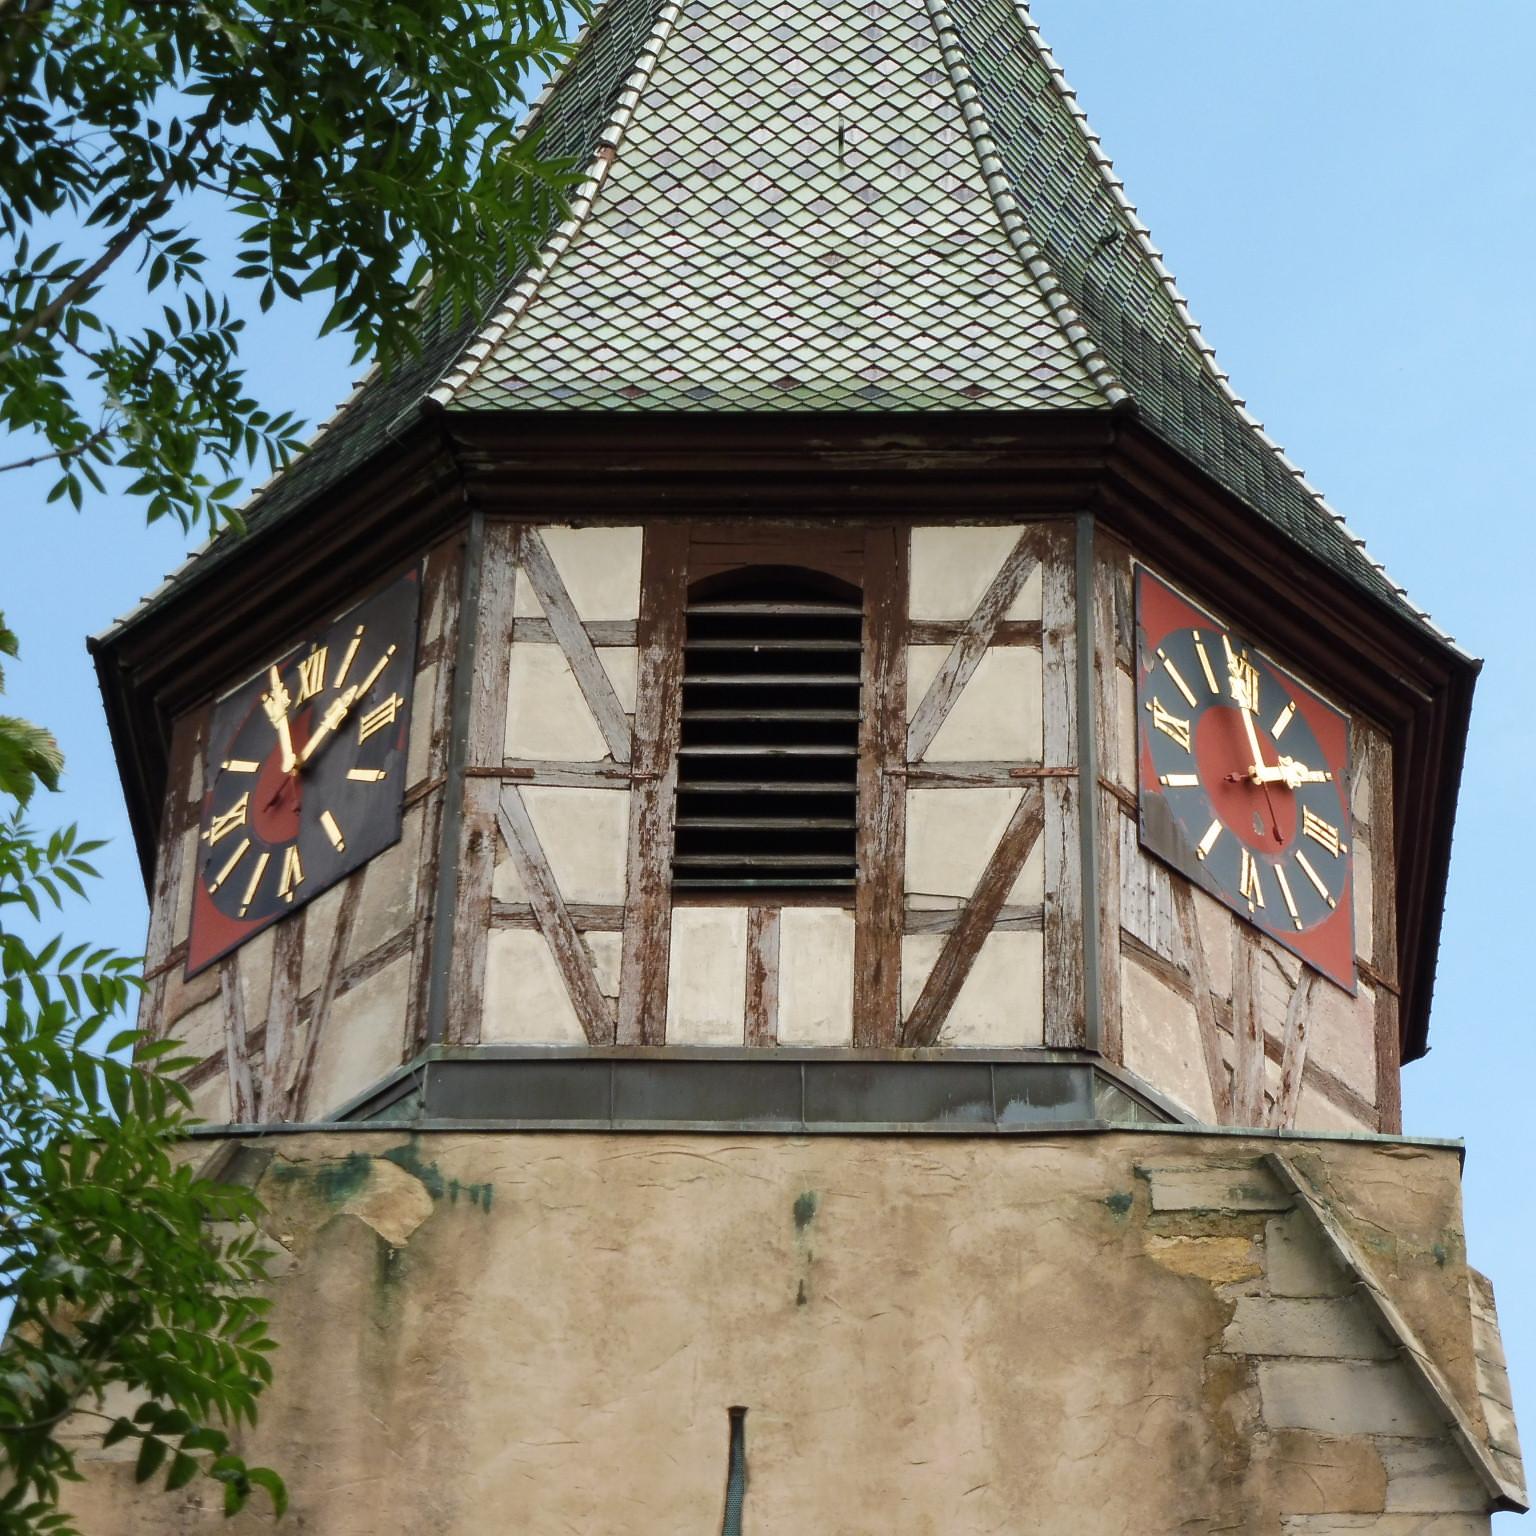 Fachwerkaufsatz des Turms: Oberflächenschäden an den Zifferblättern und in der Fassade sichtbar gewordene ausgewaschene Kupfersalze